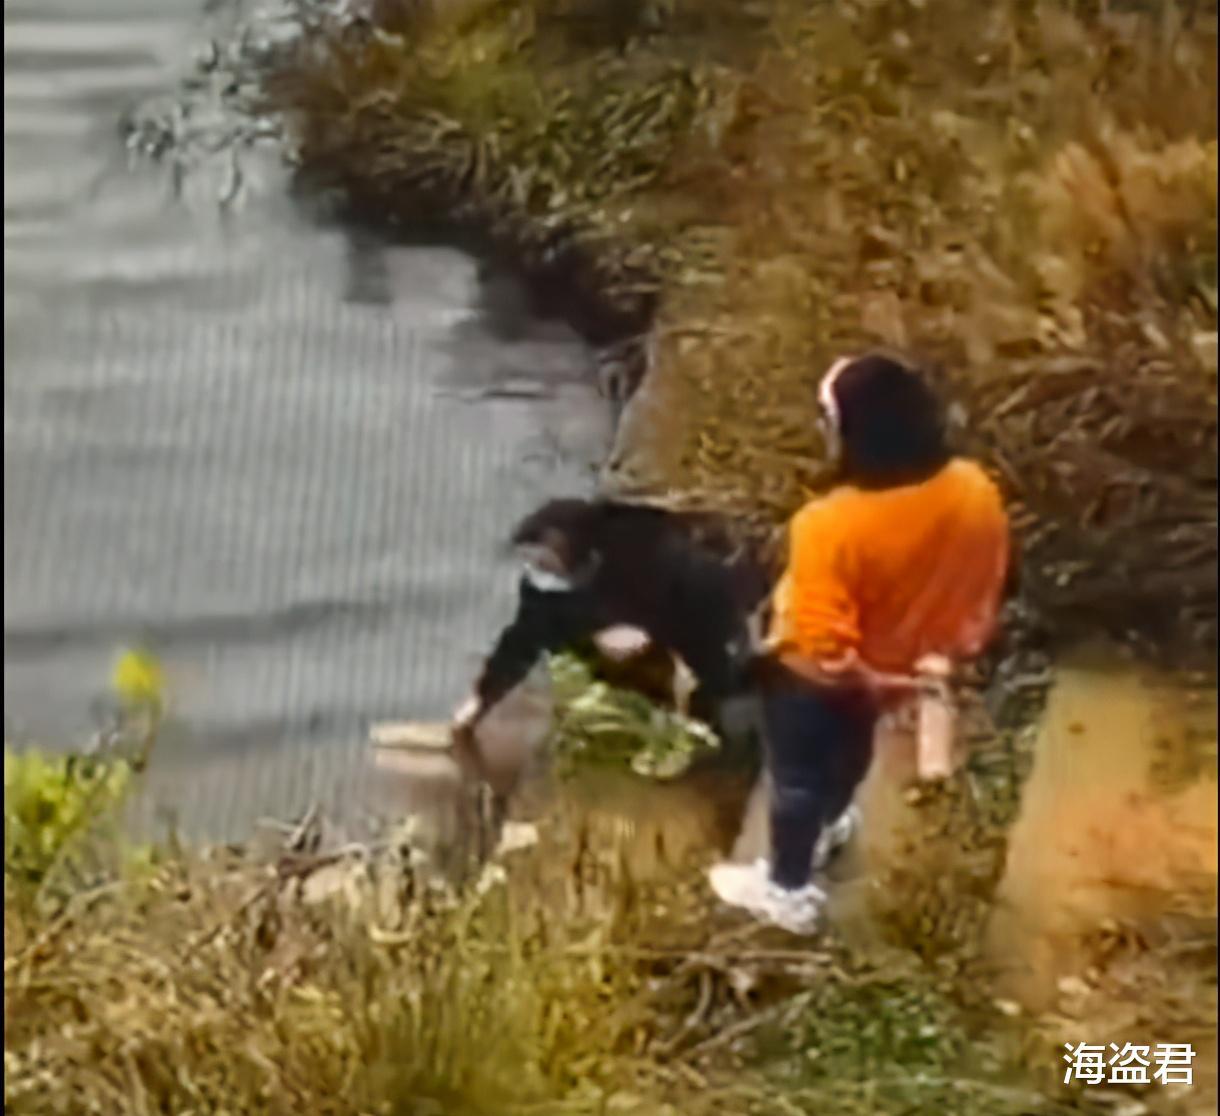 南京一女子陪閨蜜散心, 系鞋帶時被閨蜜推入水中, 因太用力雙雙溺亡-圖1